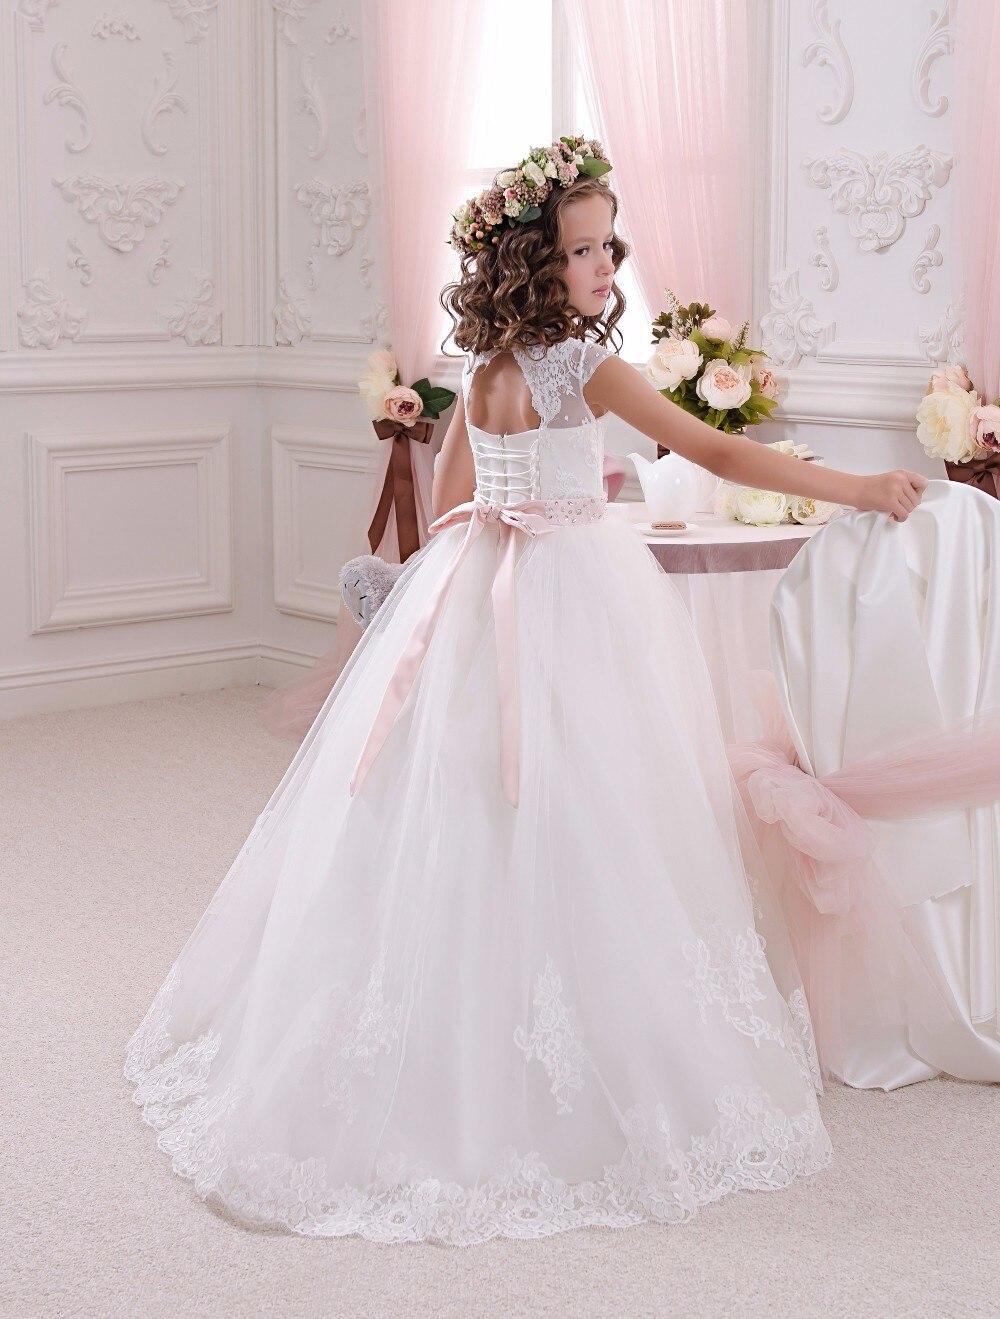 Nieuw kant bloem meisje jurken met roze riem baljurk vloer lengte - Bruiloft feestjurken - Foto 5